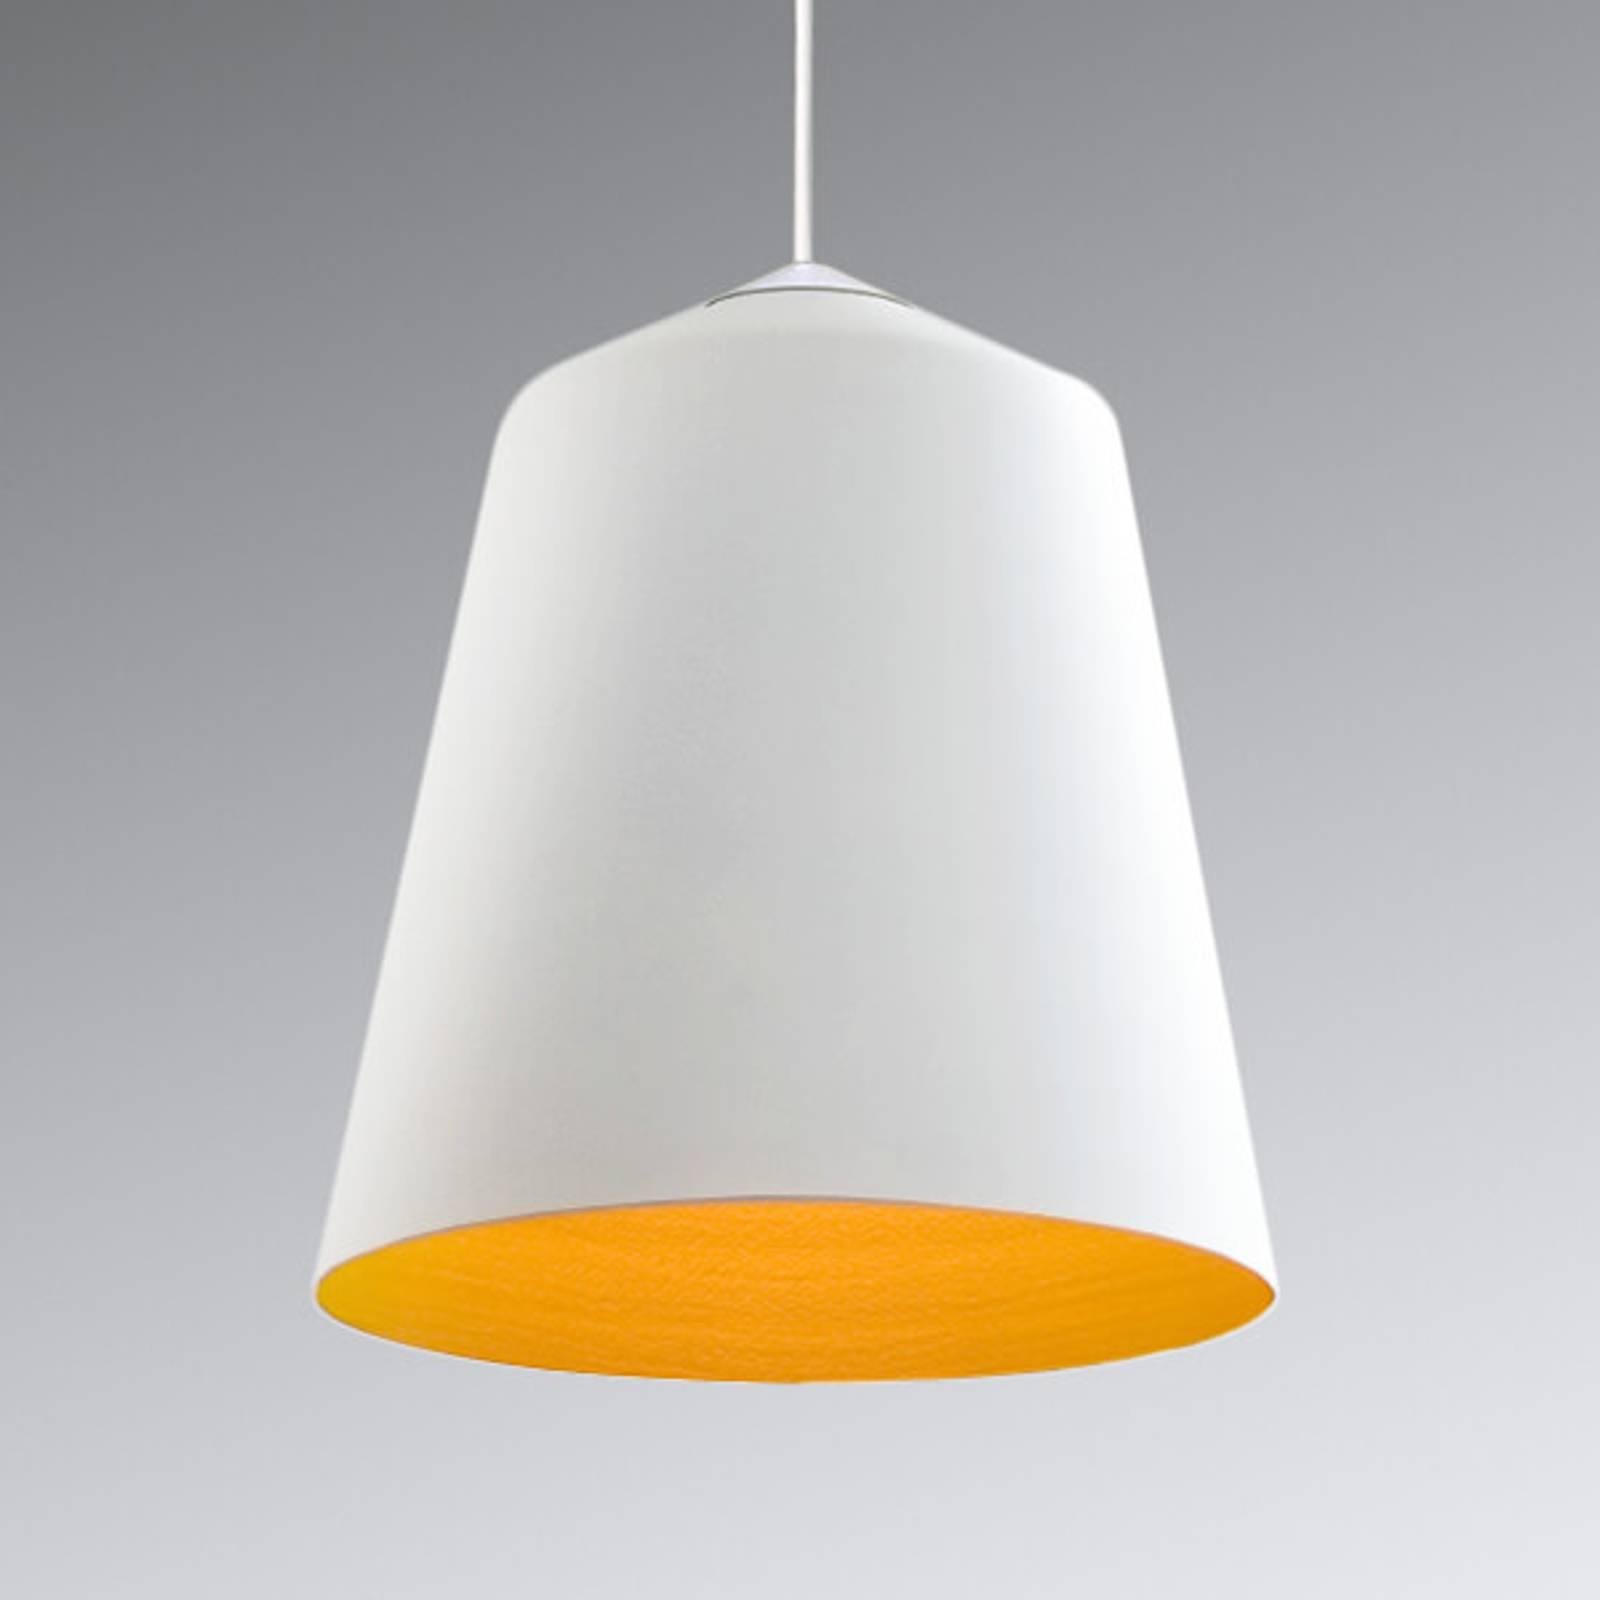 Innermost Circus - suspension blanc/doré, 36 cm